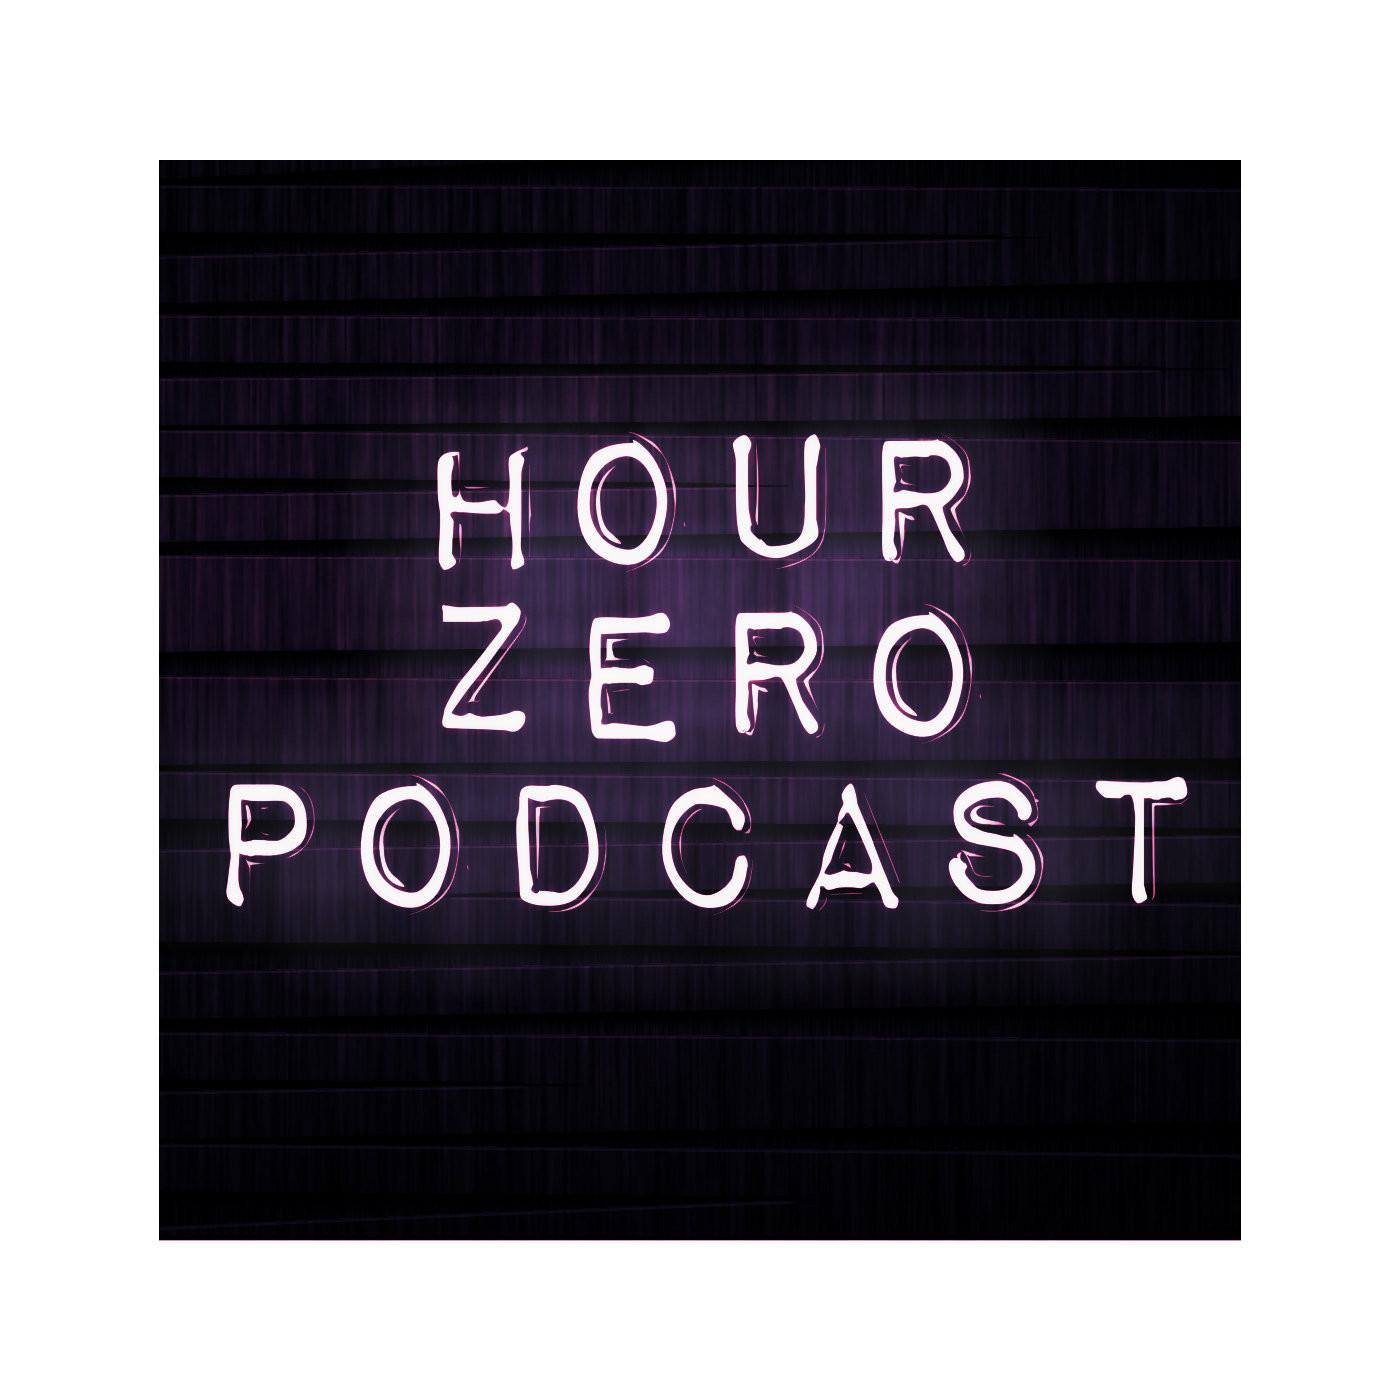 <![CDATA[Hour Zero Podcast Mixed By Elias Malpica]]>